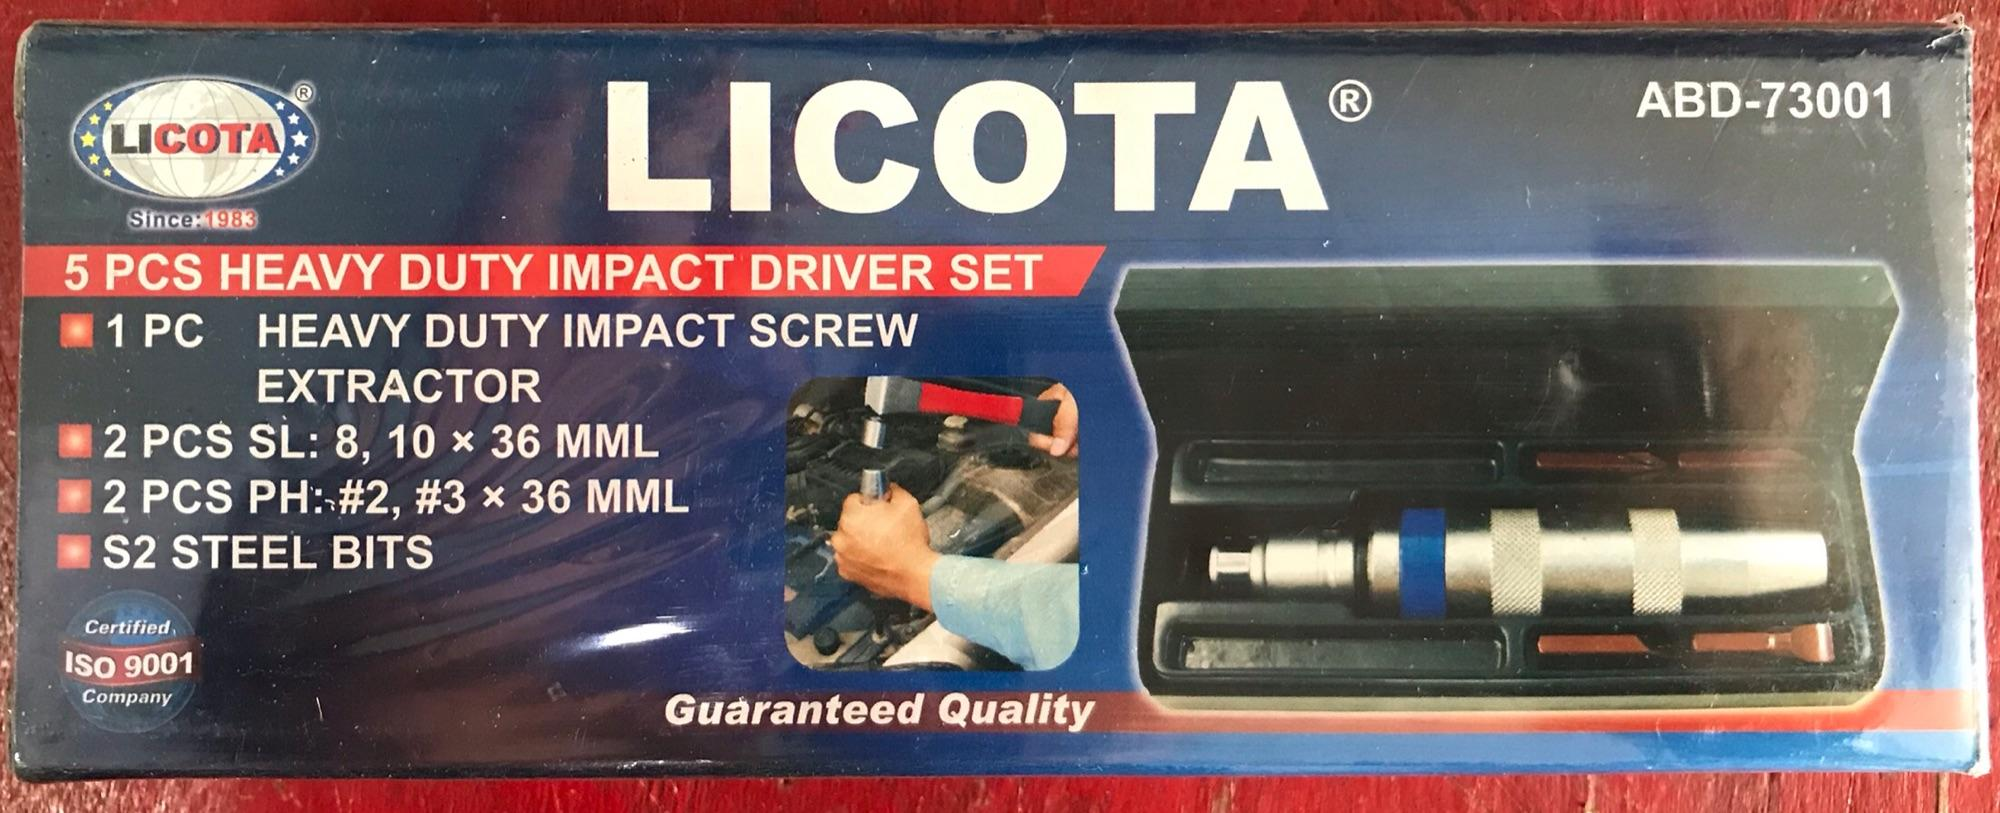 Bộ vít đóng 4 mũi Licota ABD-73001